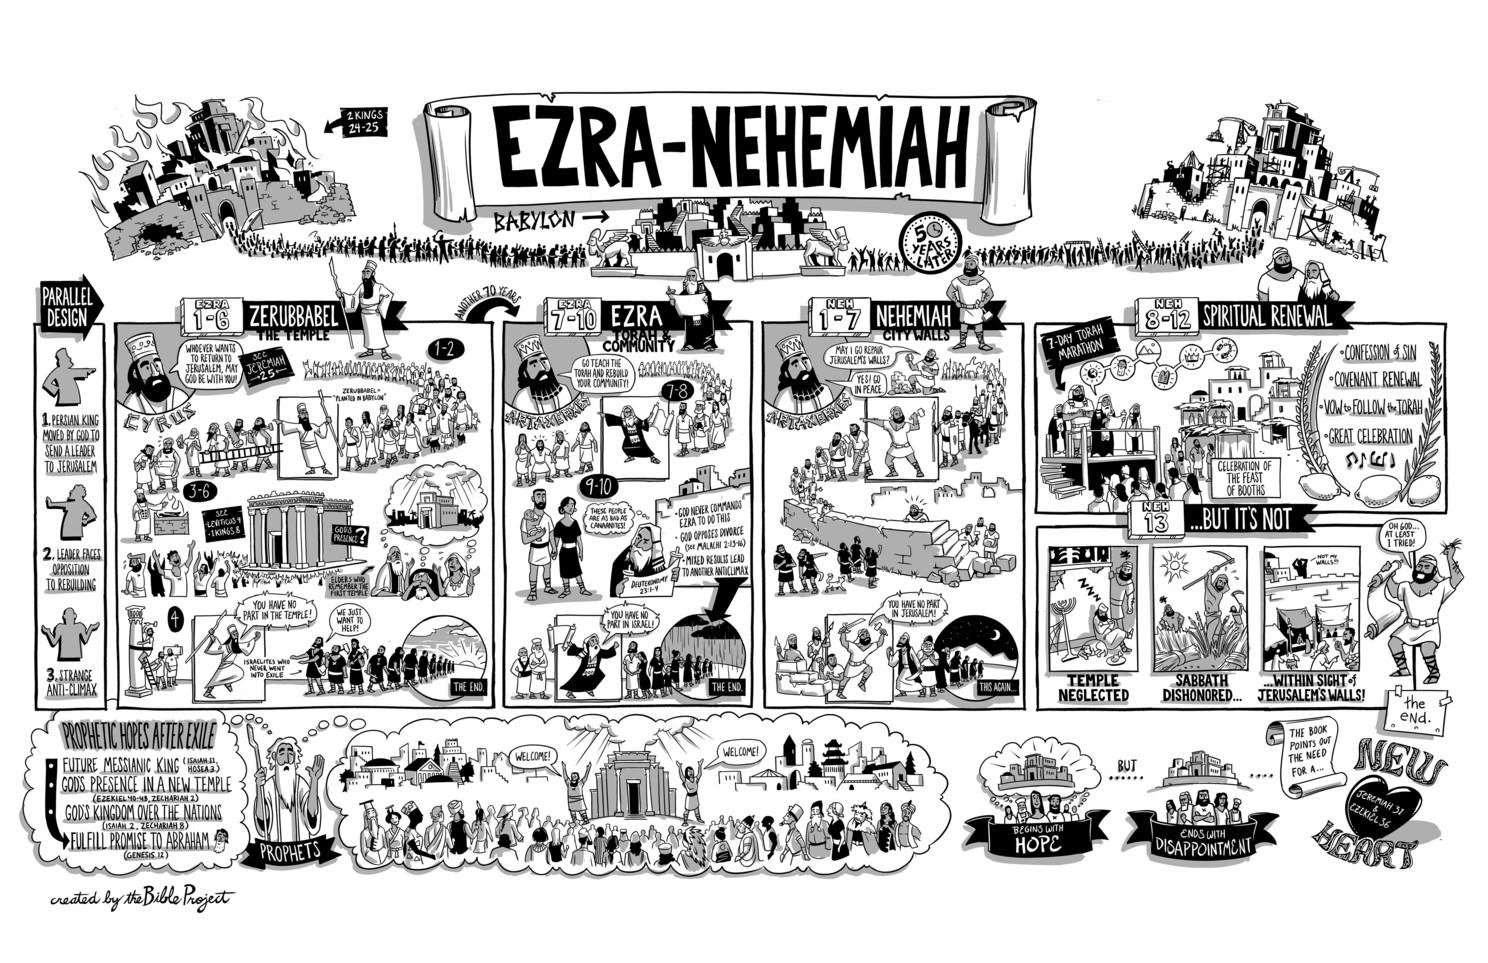 Infografis: Ezra-Nehemia